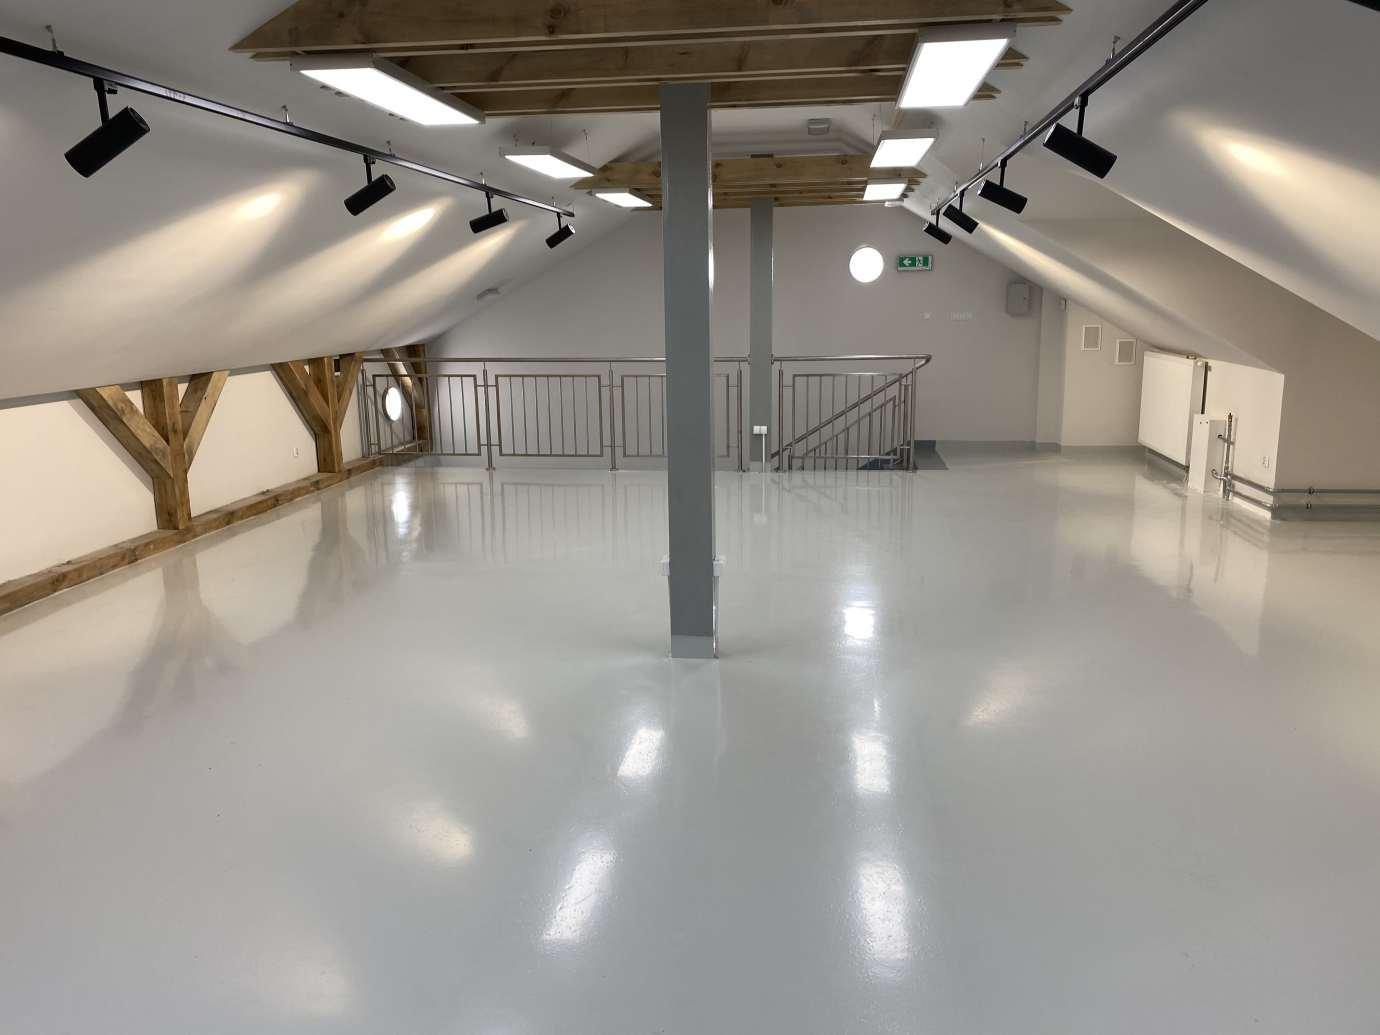 muzeum bondyrz ns 1 Zakończenie rozbudowy Muzeum w Bondyrzu